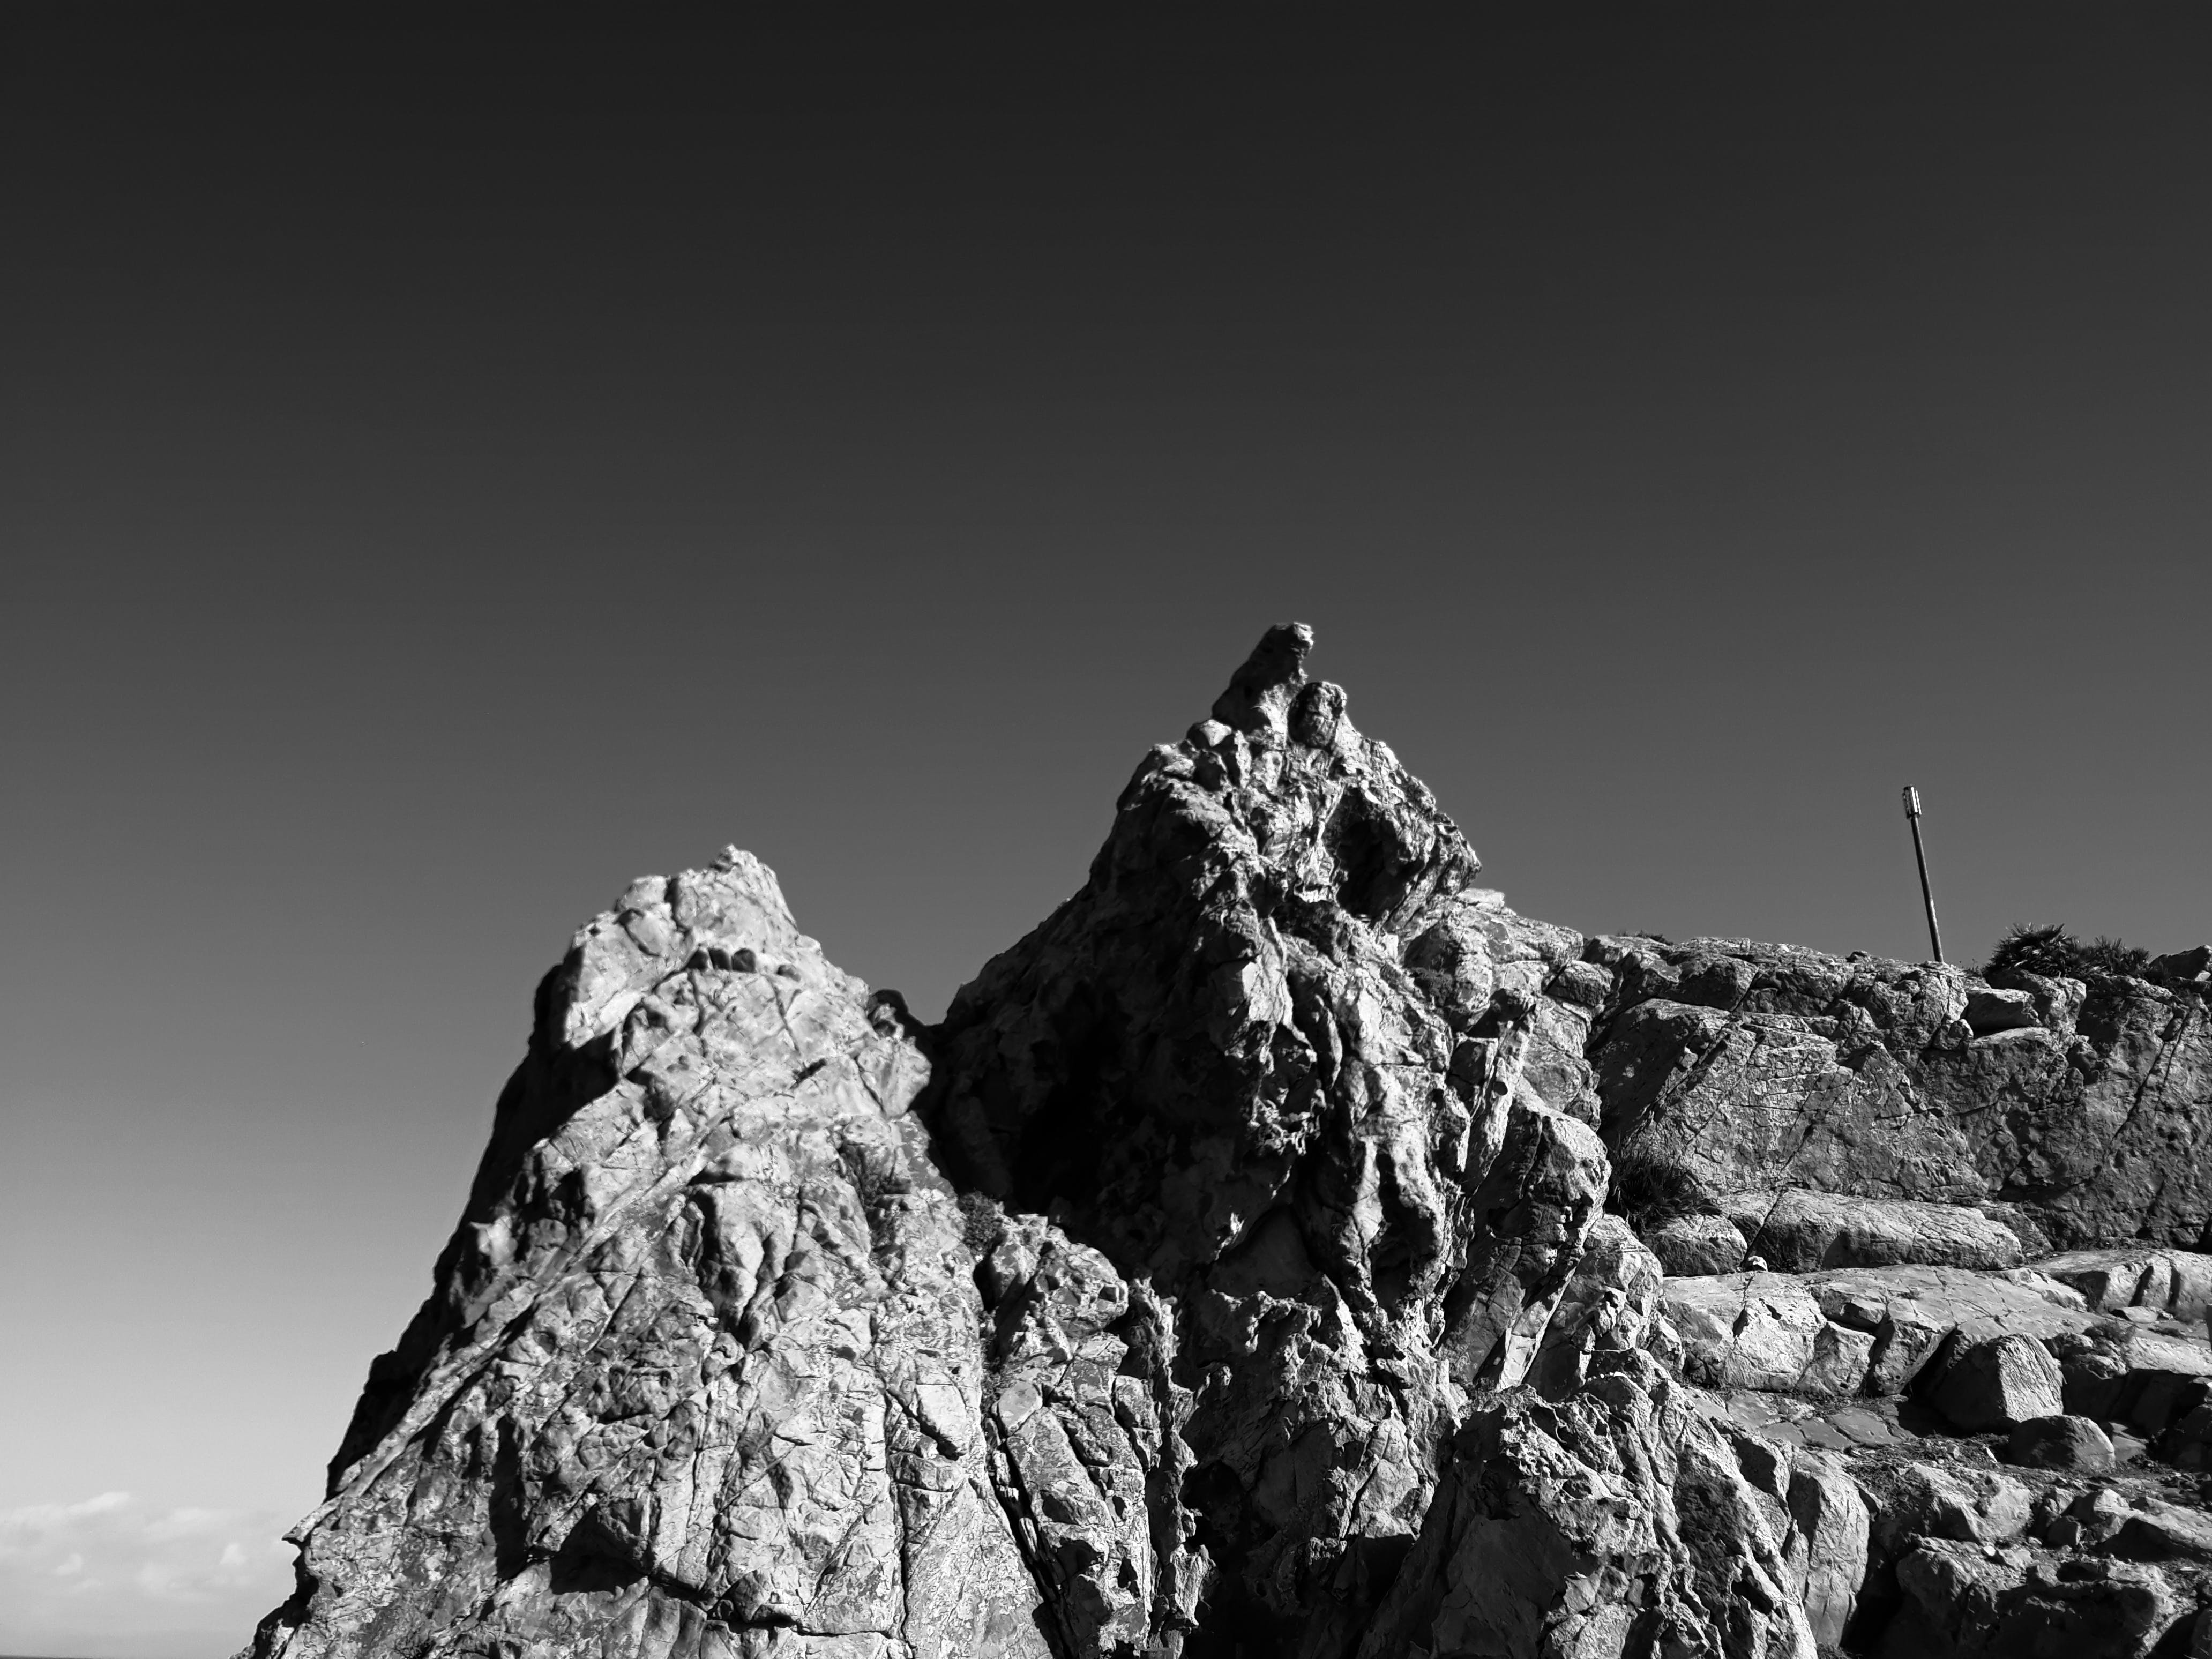 Δωρεάν στοκ φωτογραφιών με rock, αναρριχώμαι, ασπρόμαυρο, βουνό